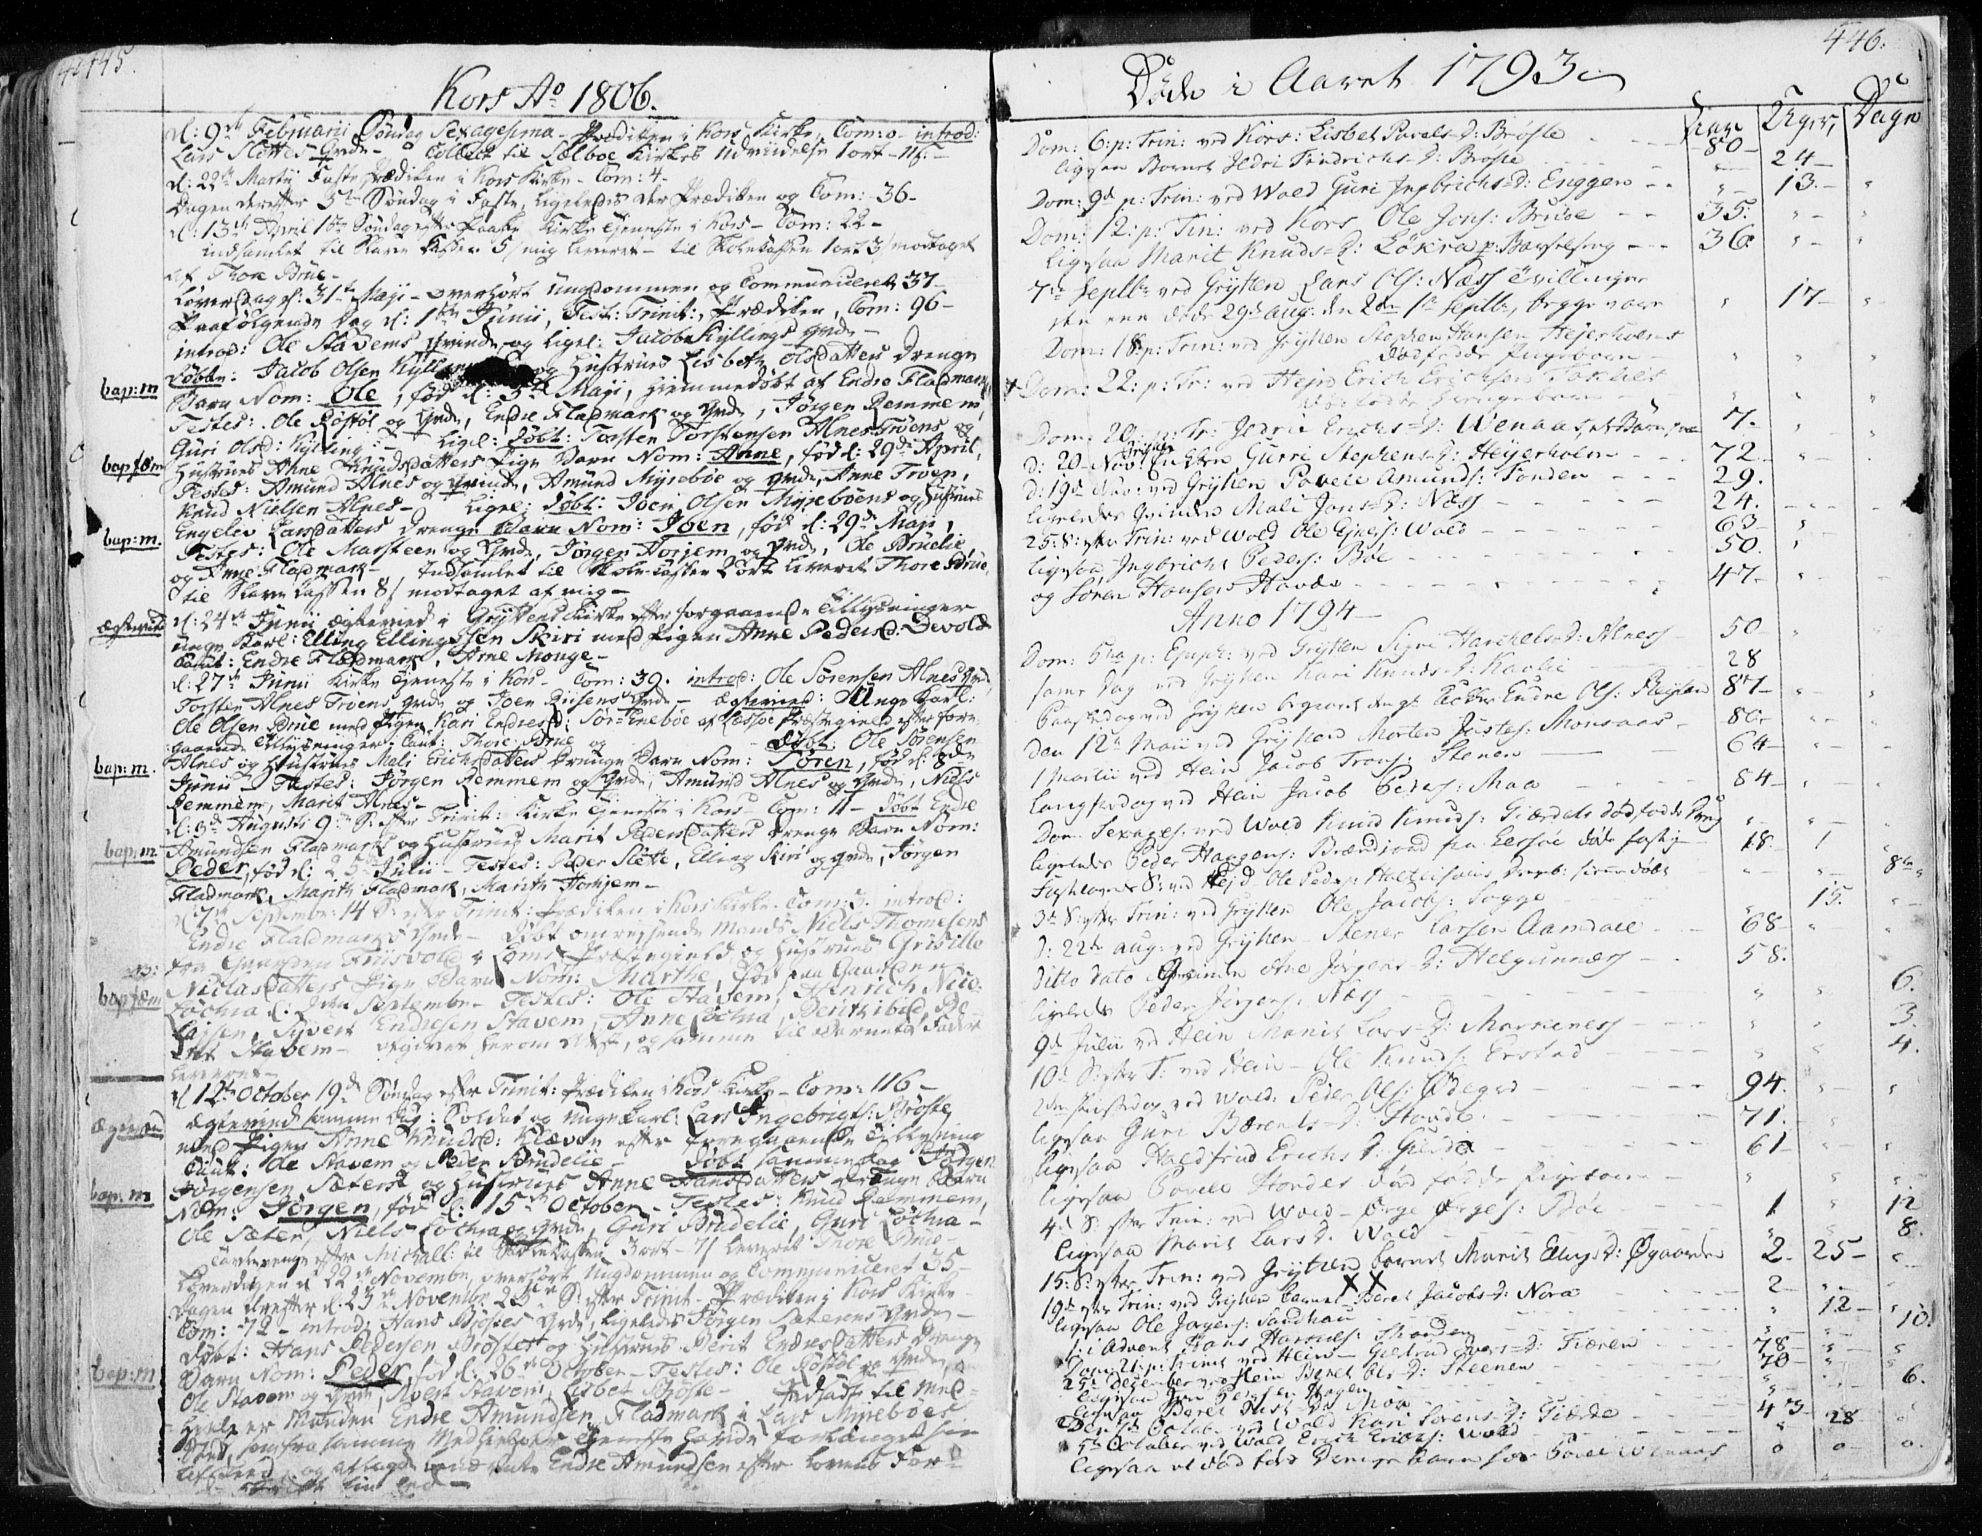 SAT, Ministerialprotokoller, klokkerbøker og fødselsregistre - Møre og Romsdal, 544/L0569: Ministerialbok nr. 544A02, 1764-1806, s. 445-446